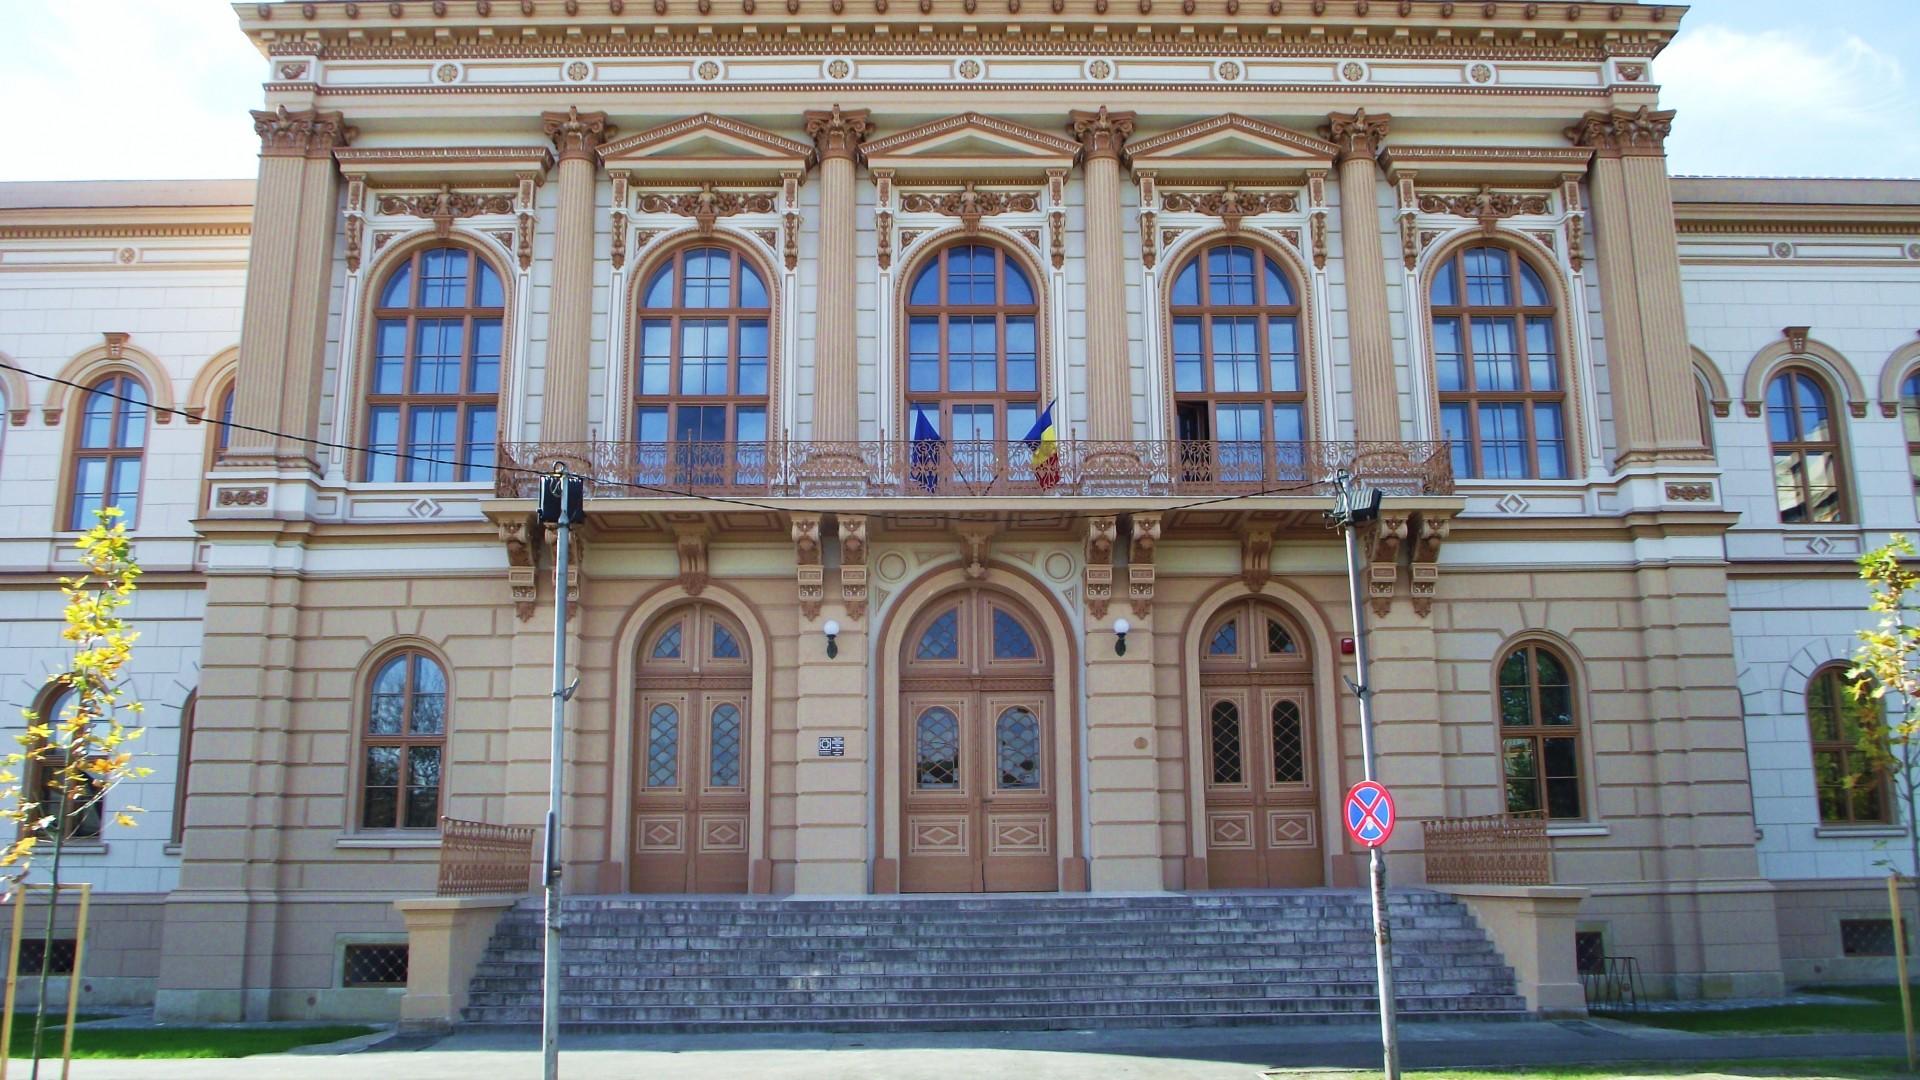 Știre falsă despre Colegiul Național Moise Nicoară Arad, dezmințită de conducere și ISJ